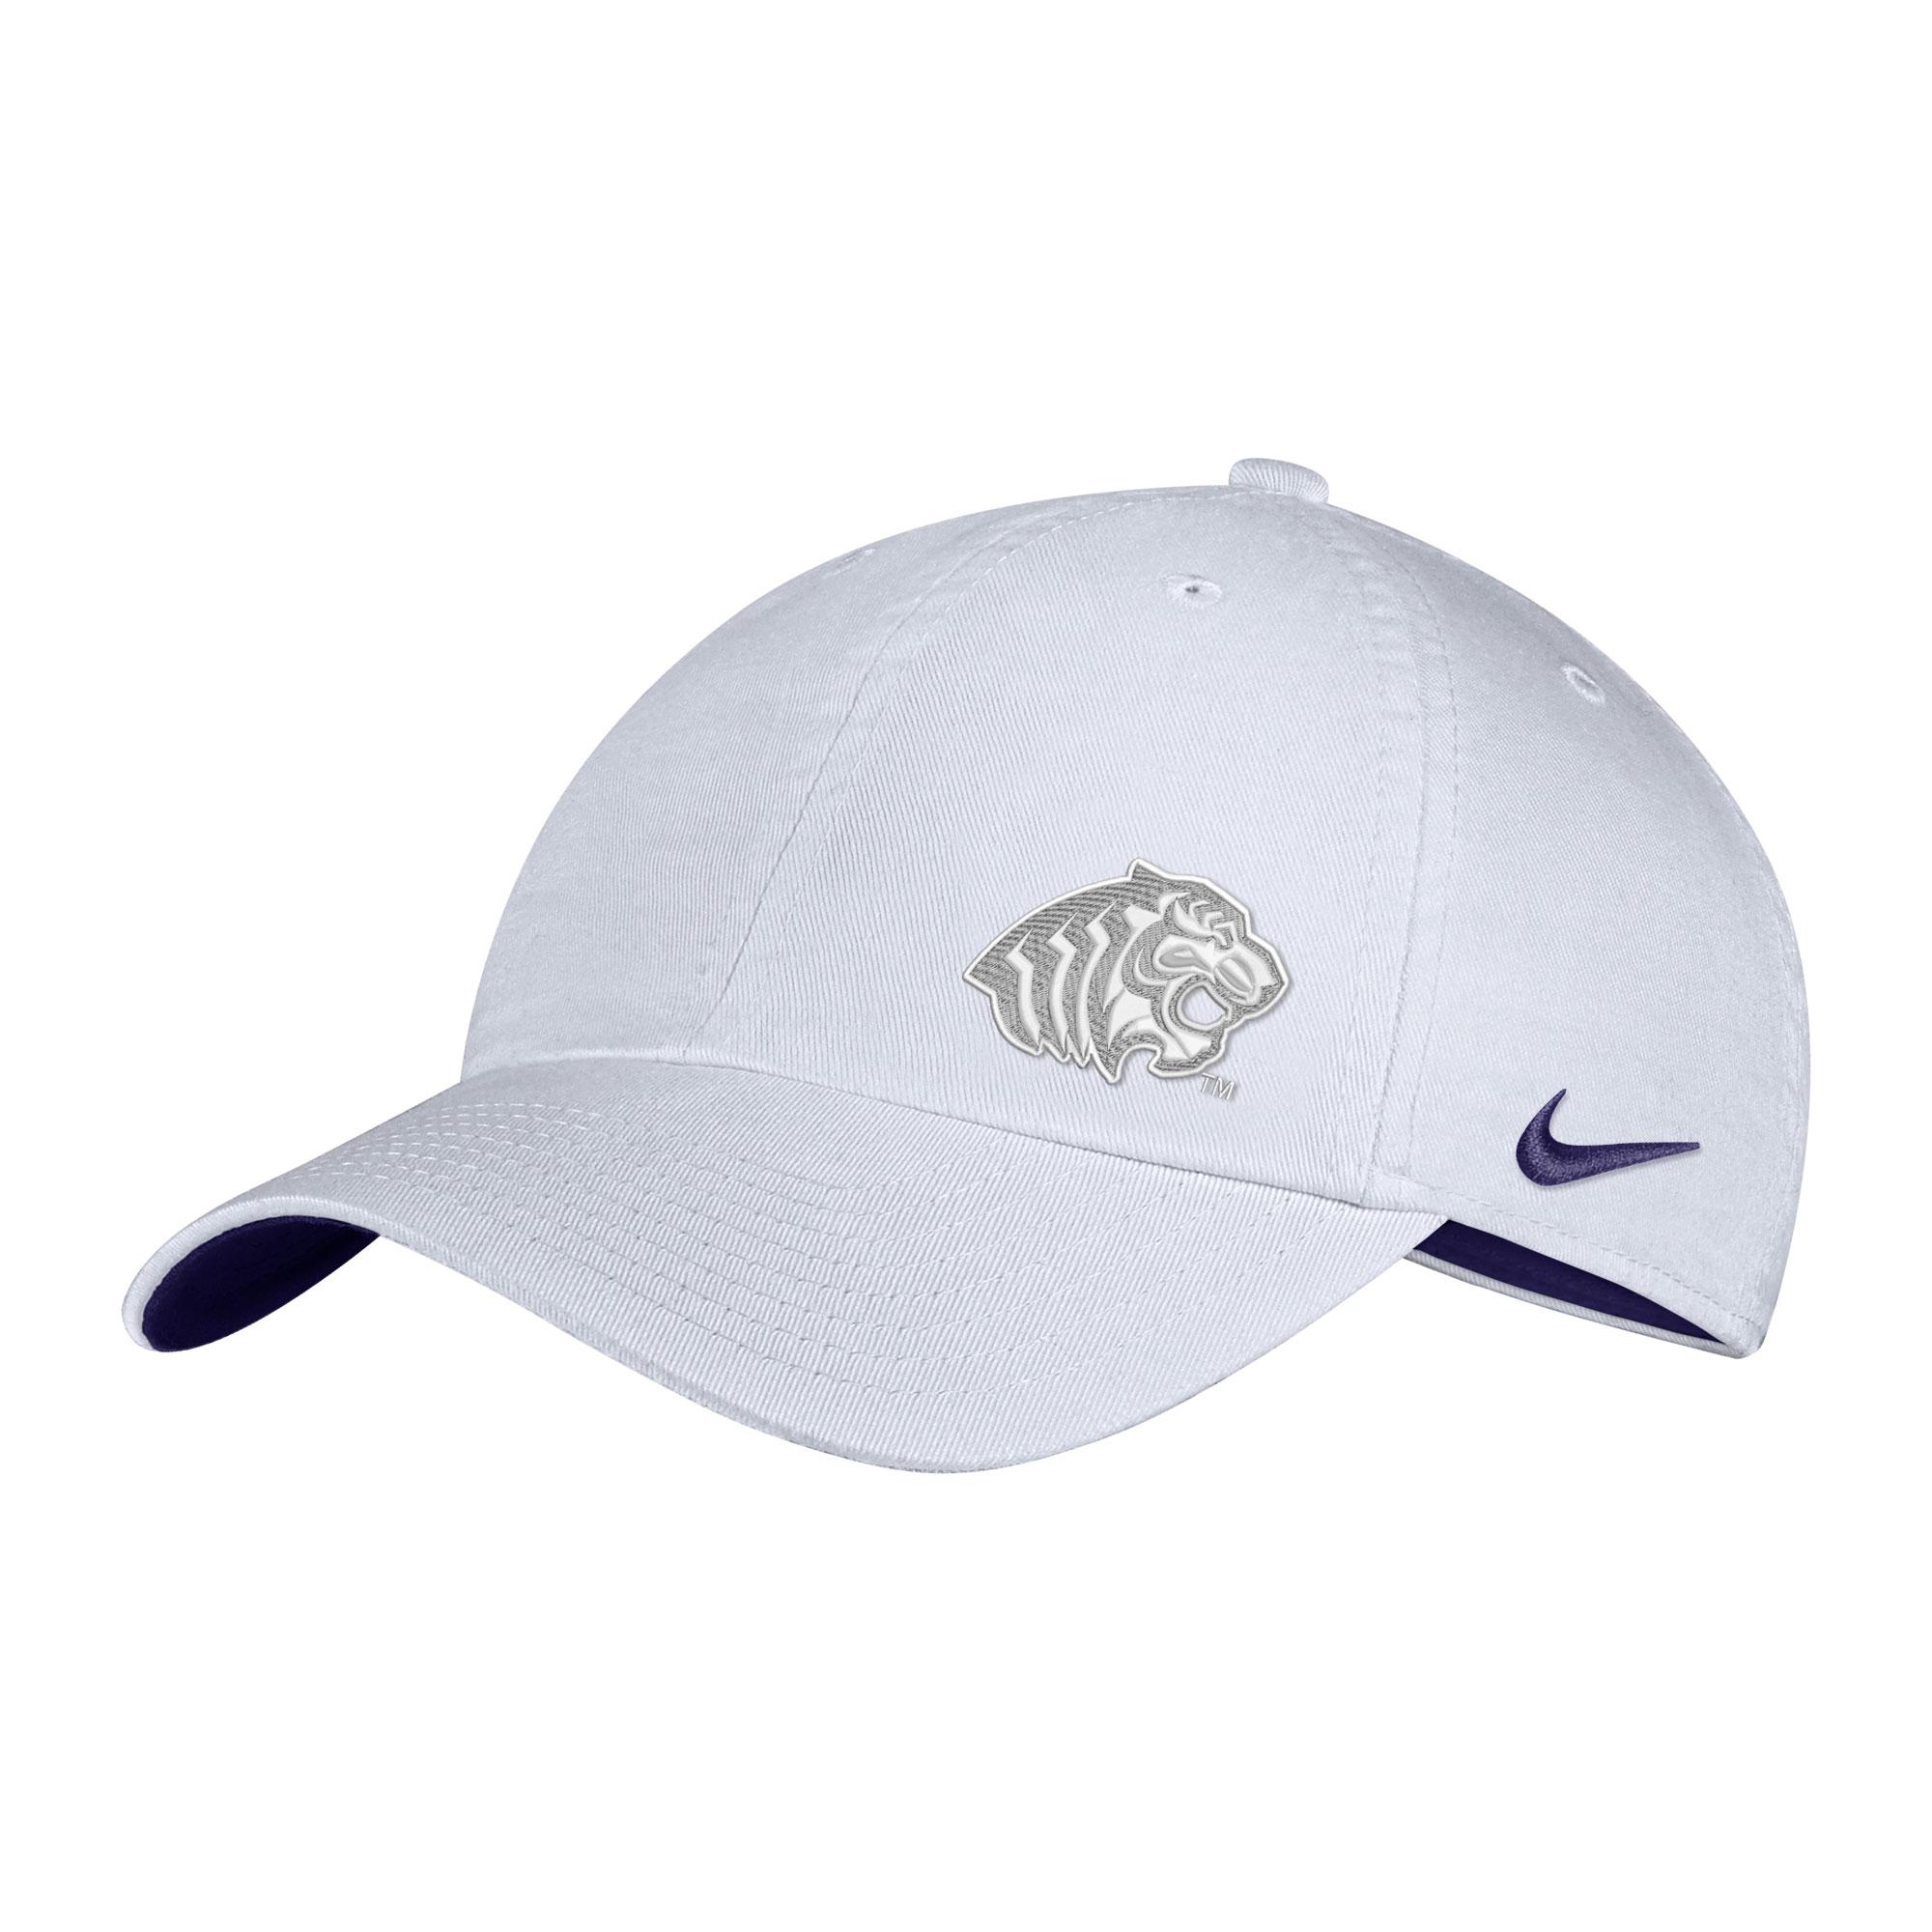 WOMEN'S NIKE CAP